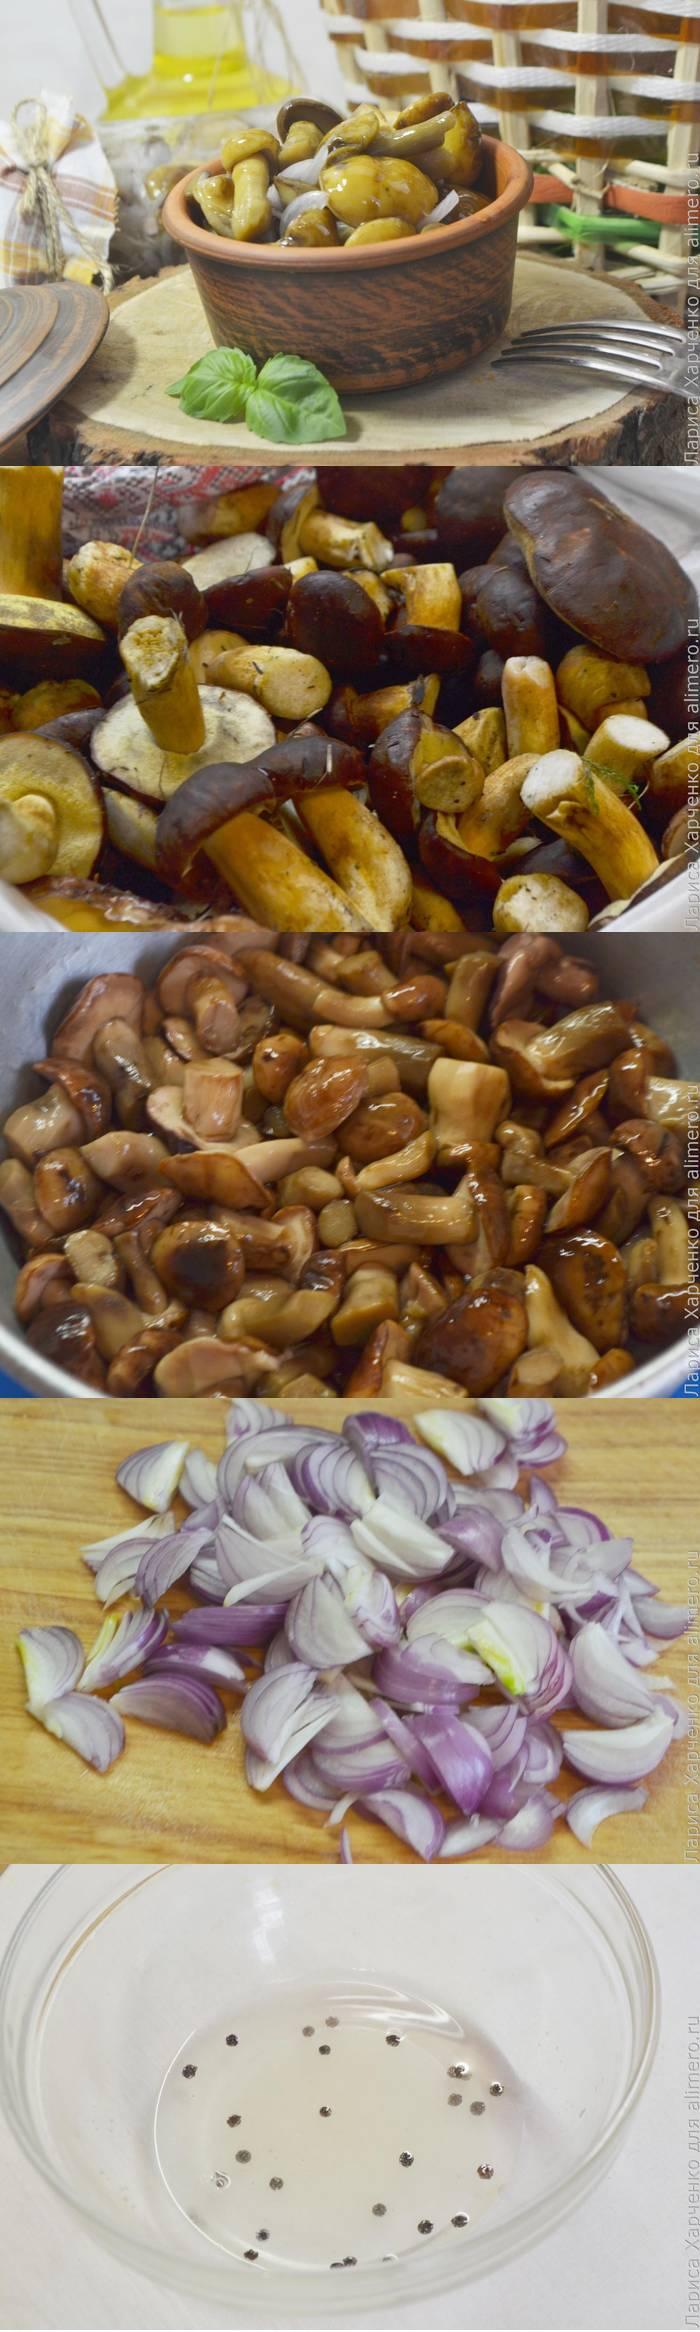 Маринованные грибы - быстрый способ